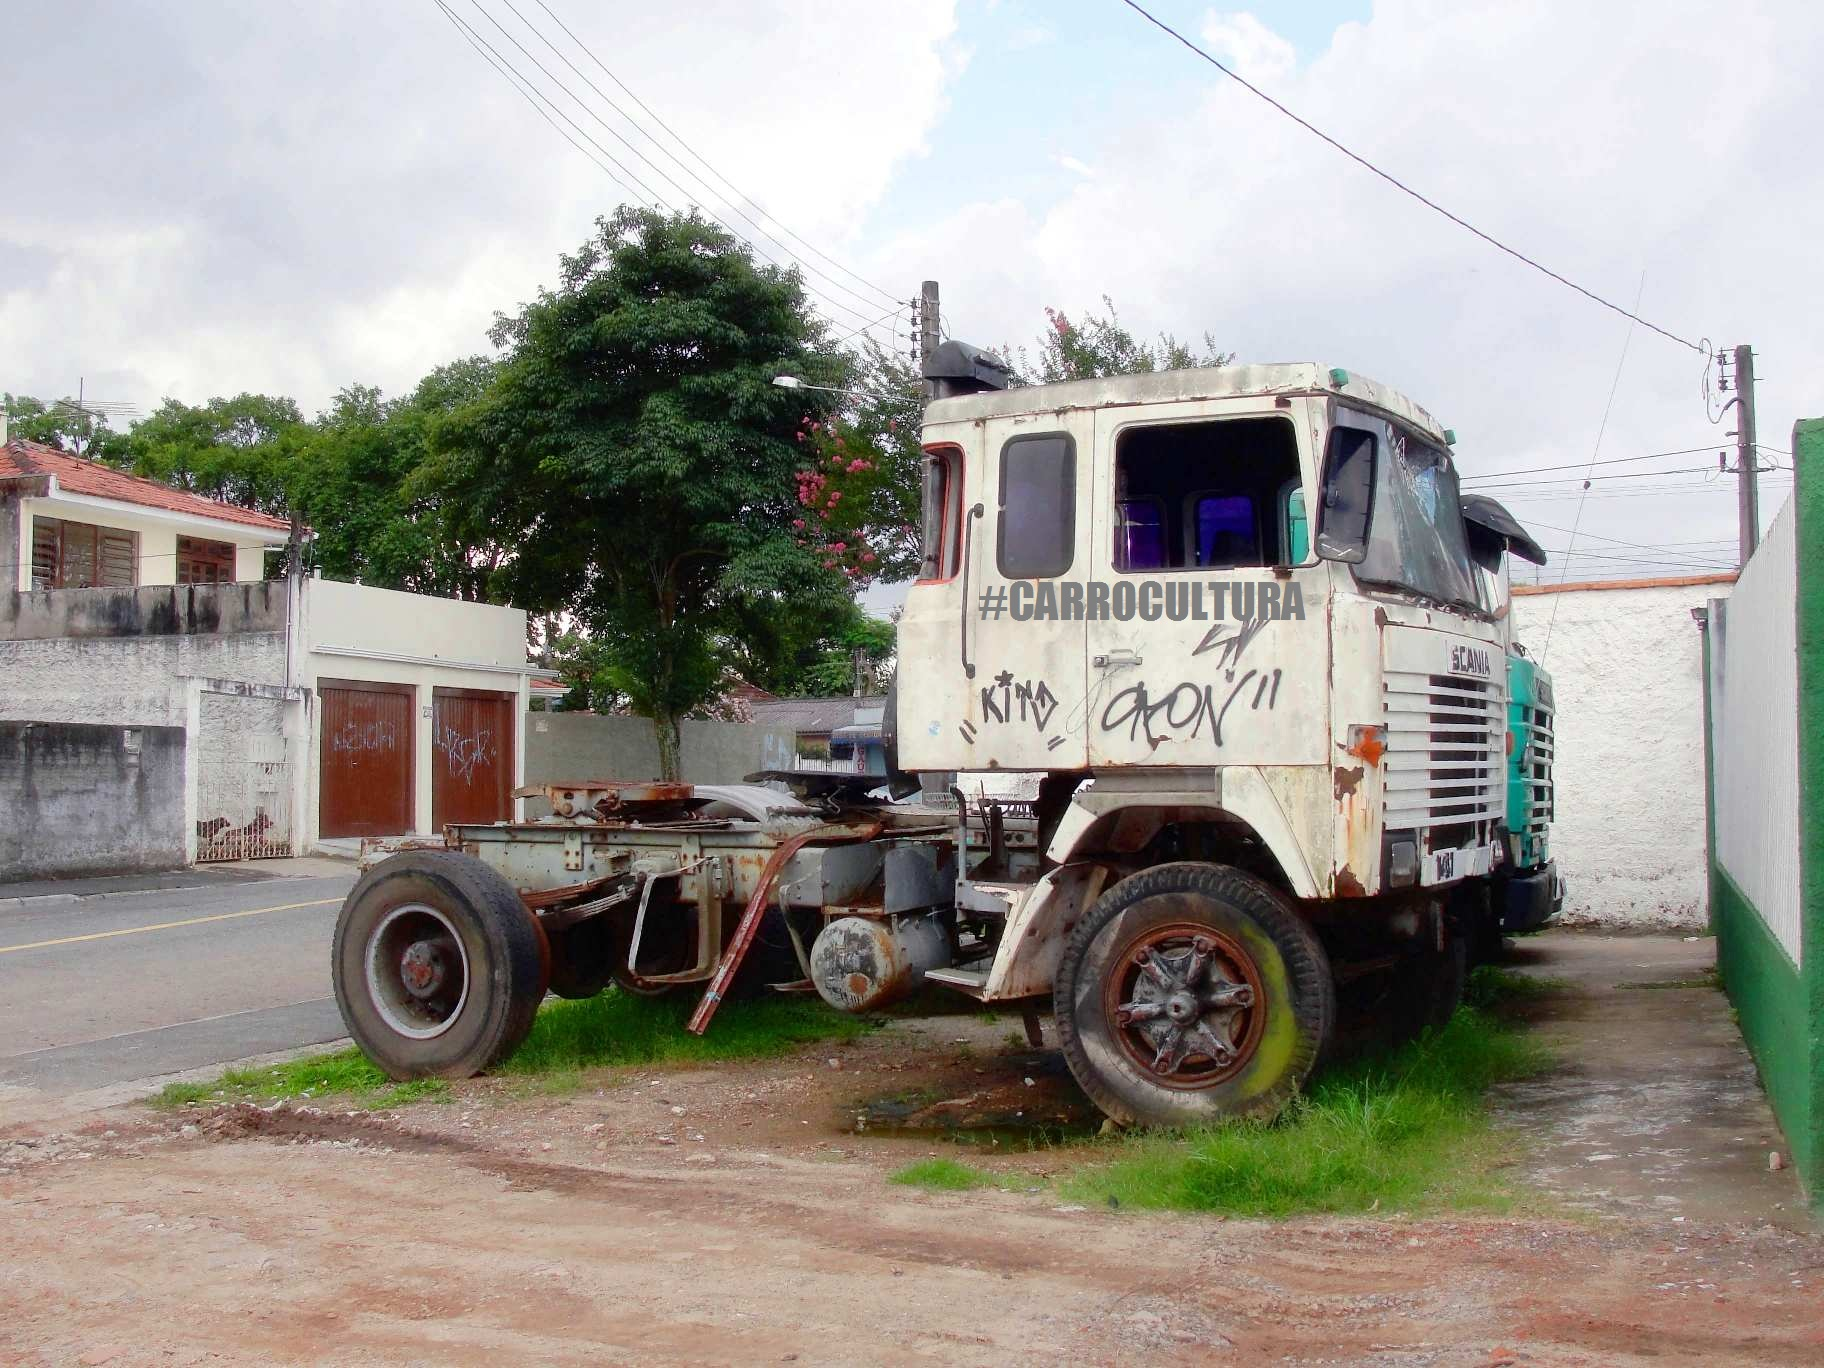 211 Rf 227 O Atualizado Caminh 227 O Scania Lk141 Carrocultura